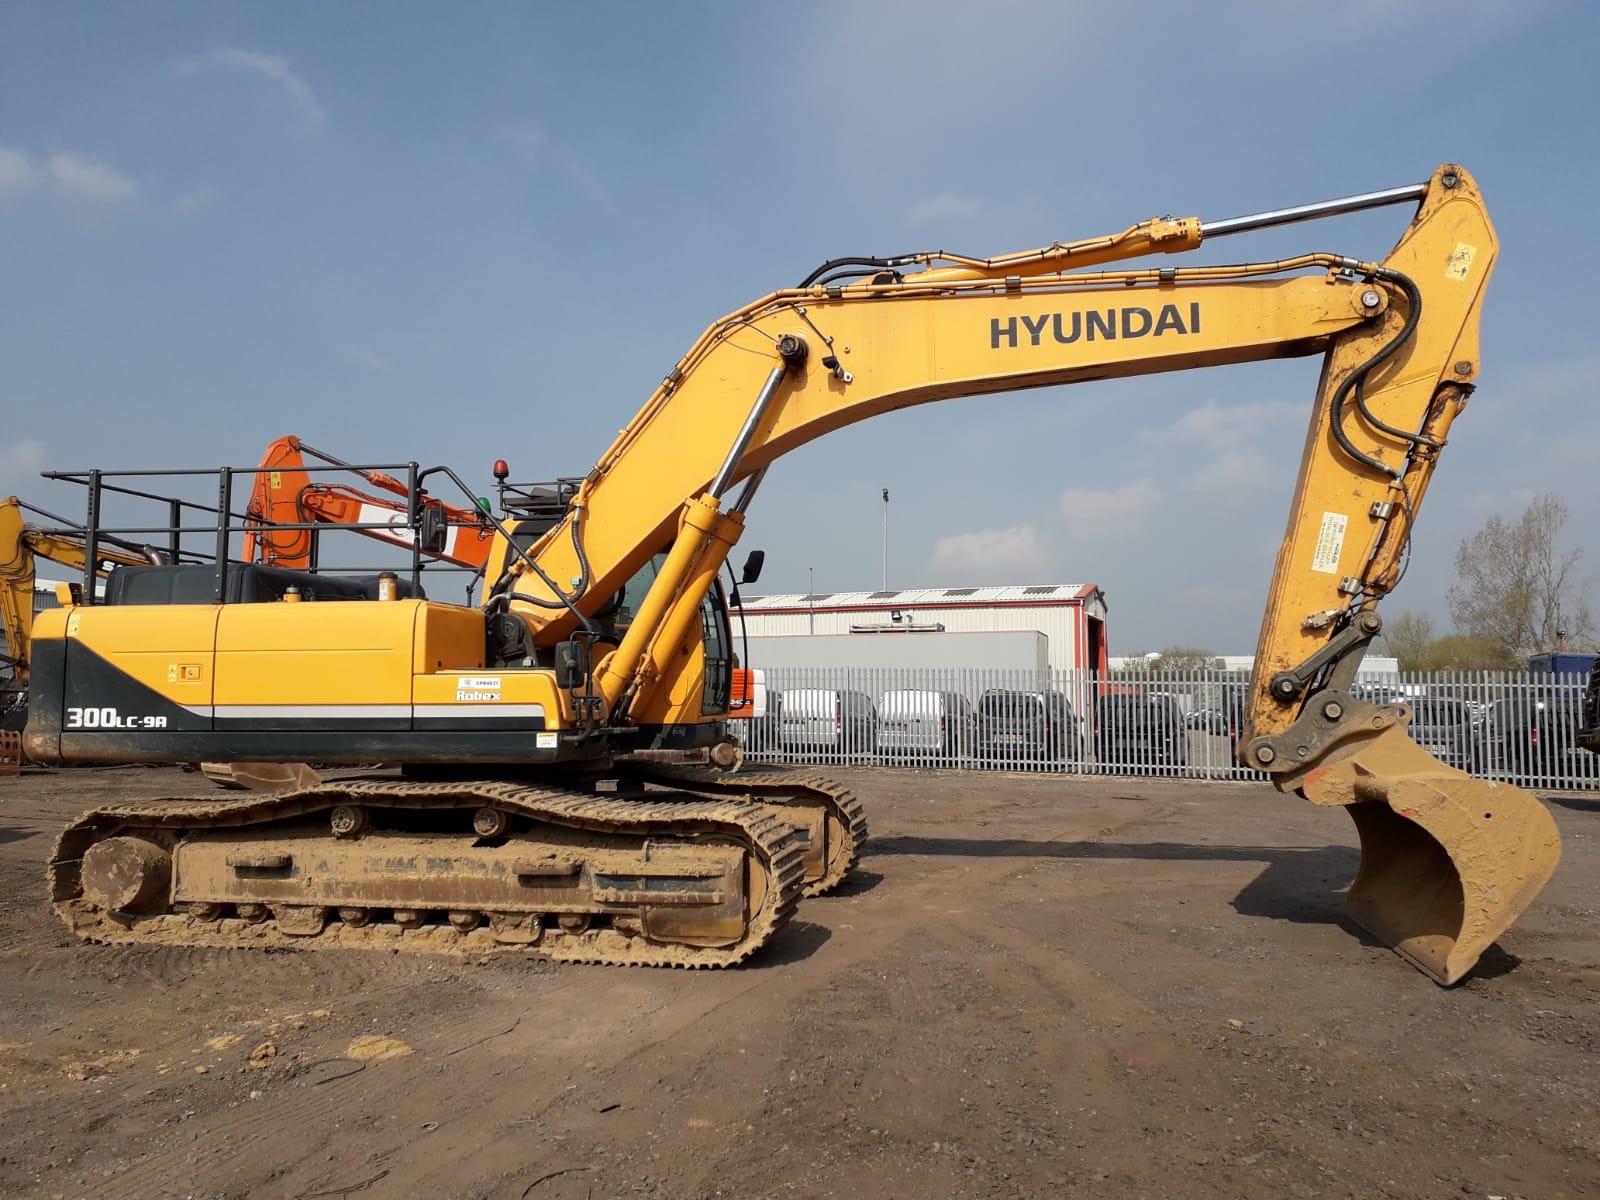 HYUNDAI R300LC-9A